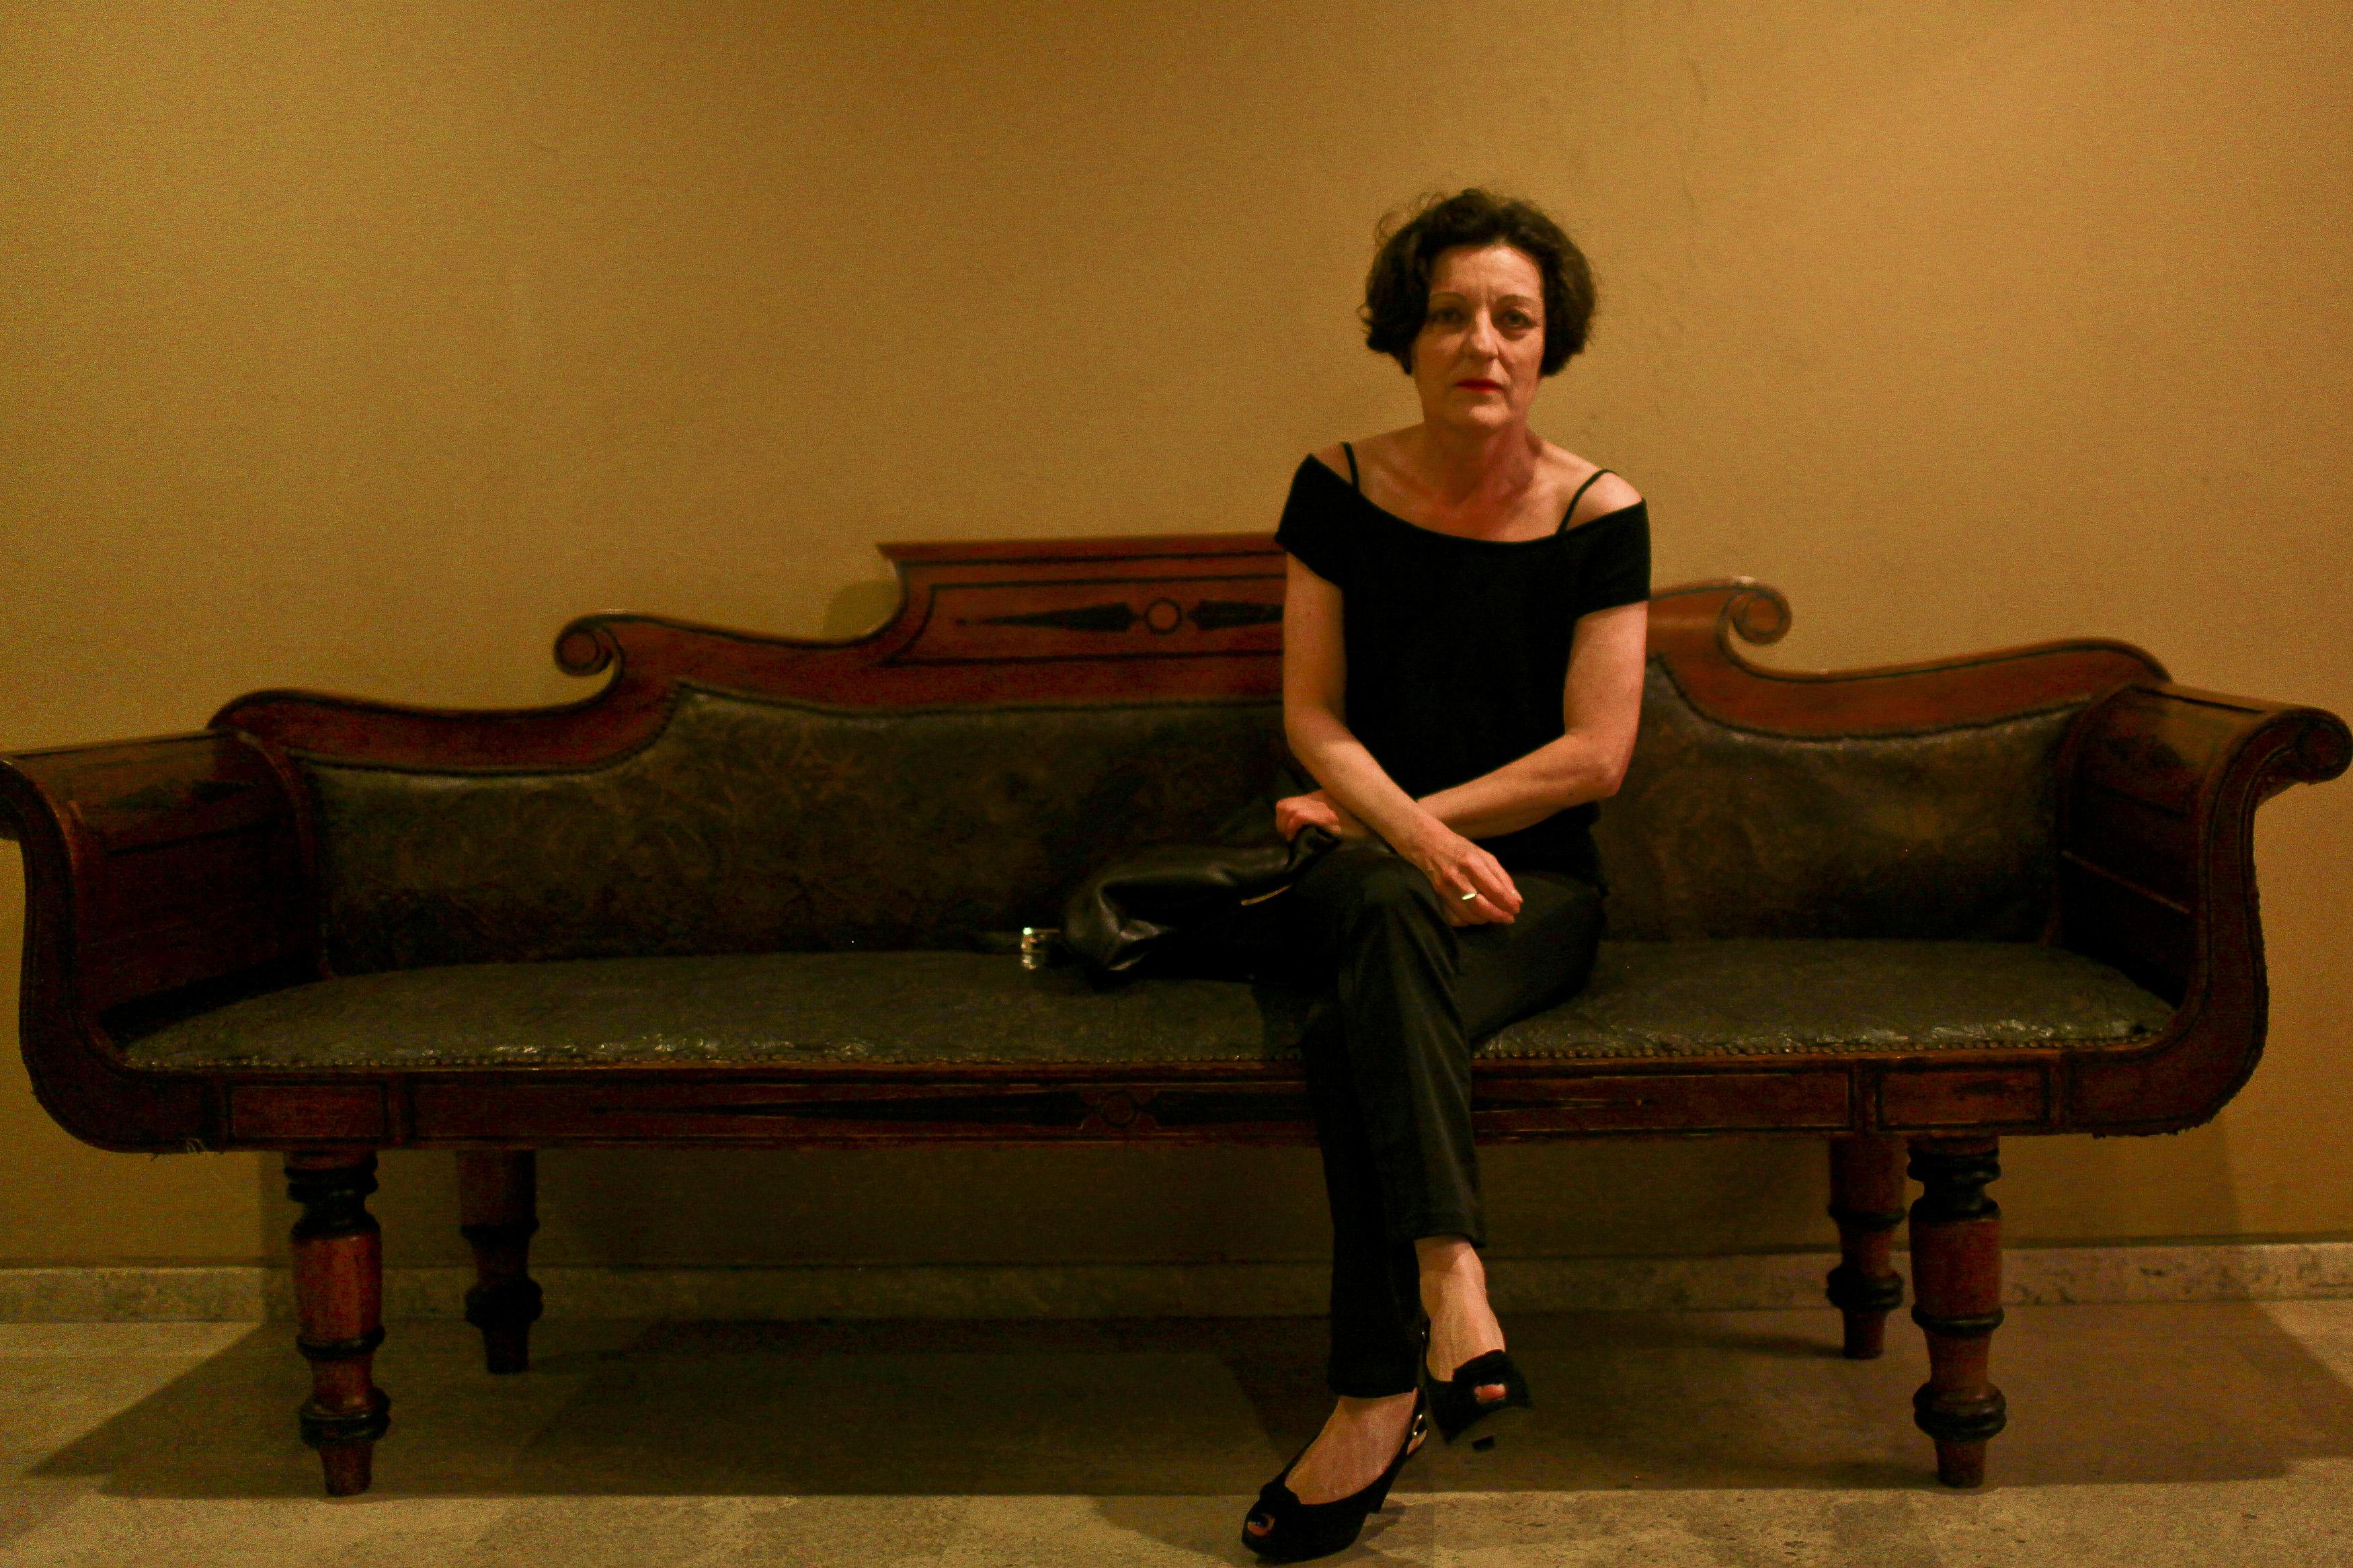 La escritora Herta Müller. Fuente: becaggm.fnpi.org